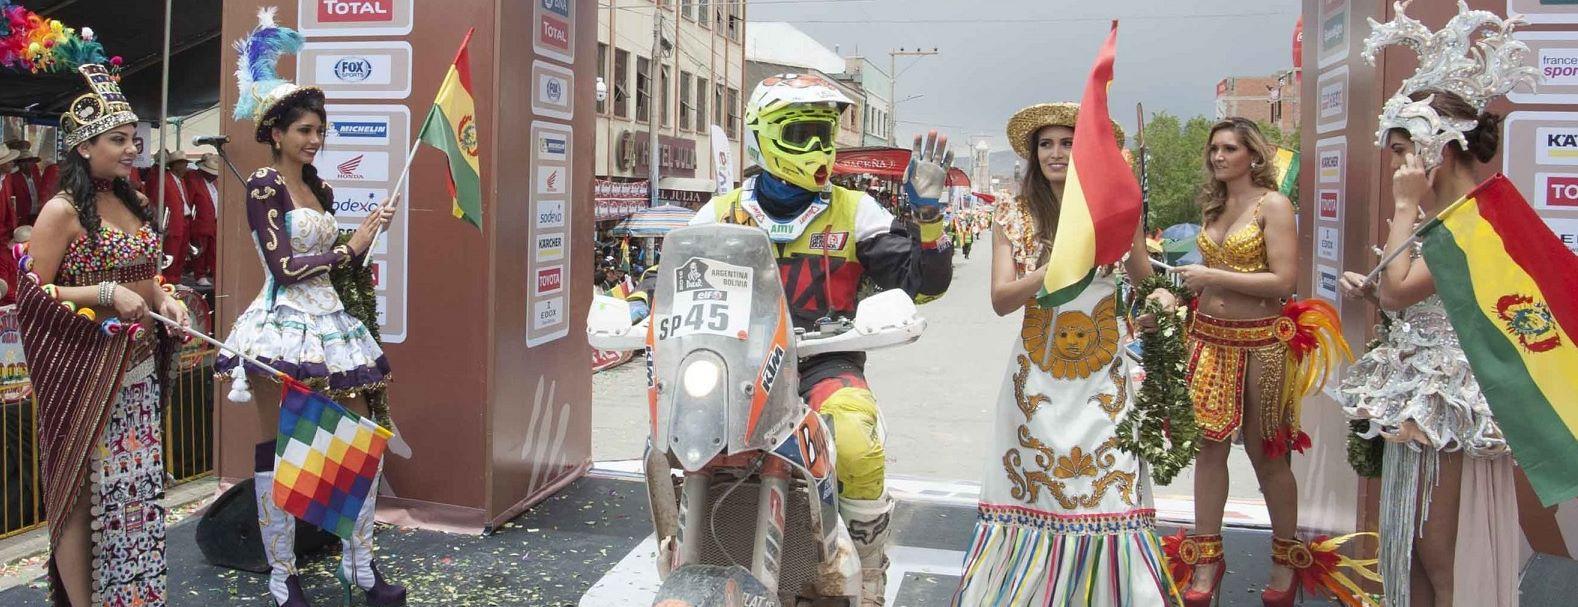 Rally-Dakar-2016-chega-a-Bolivia_07012016044-1